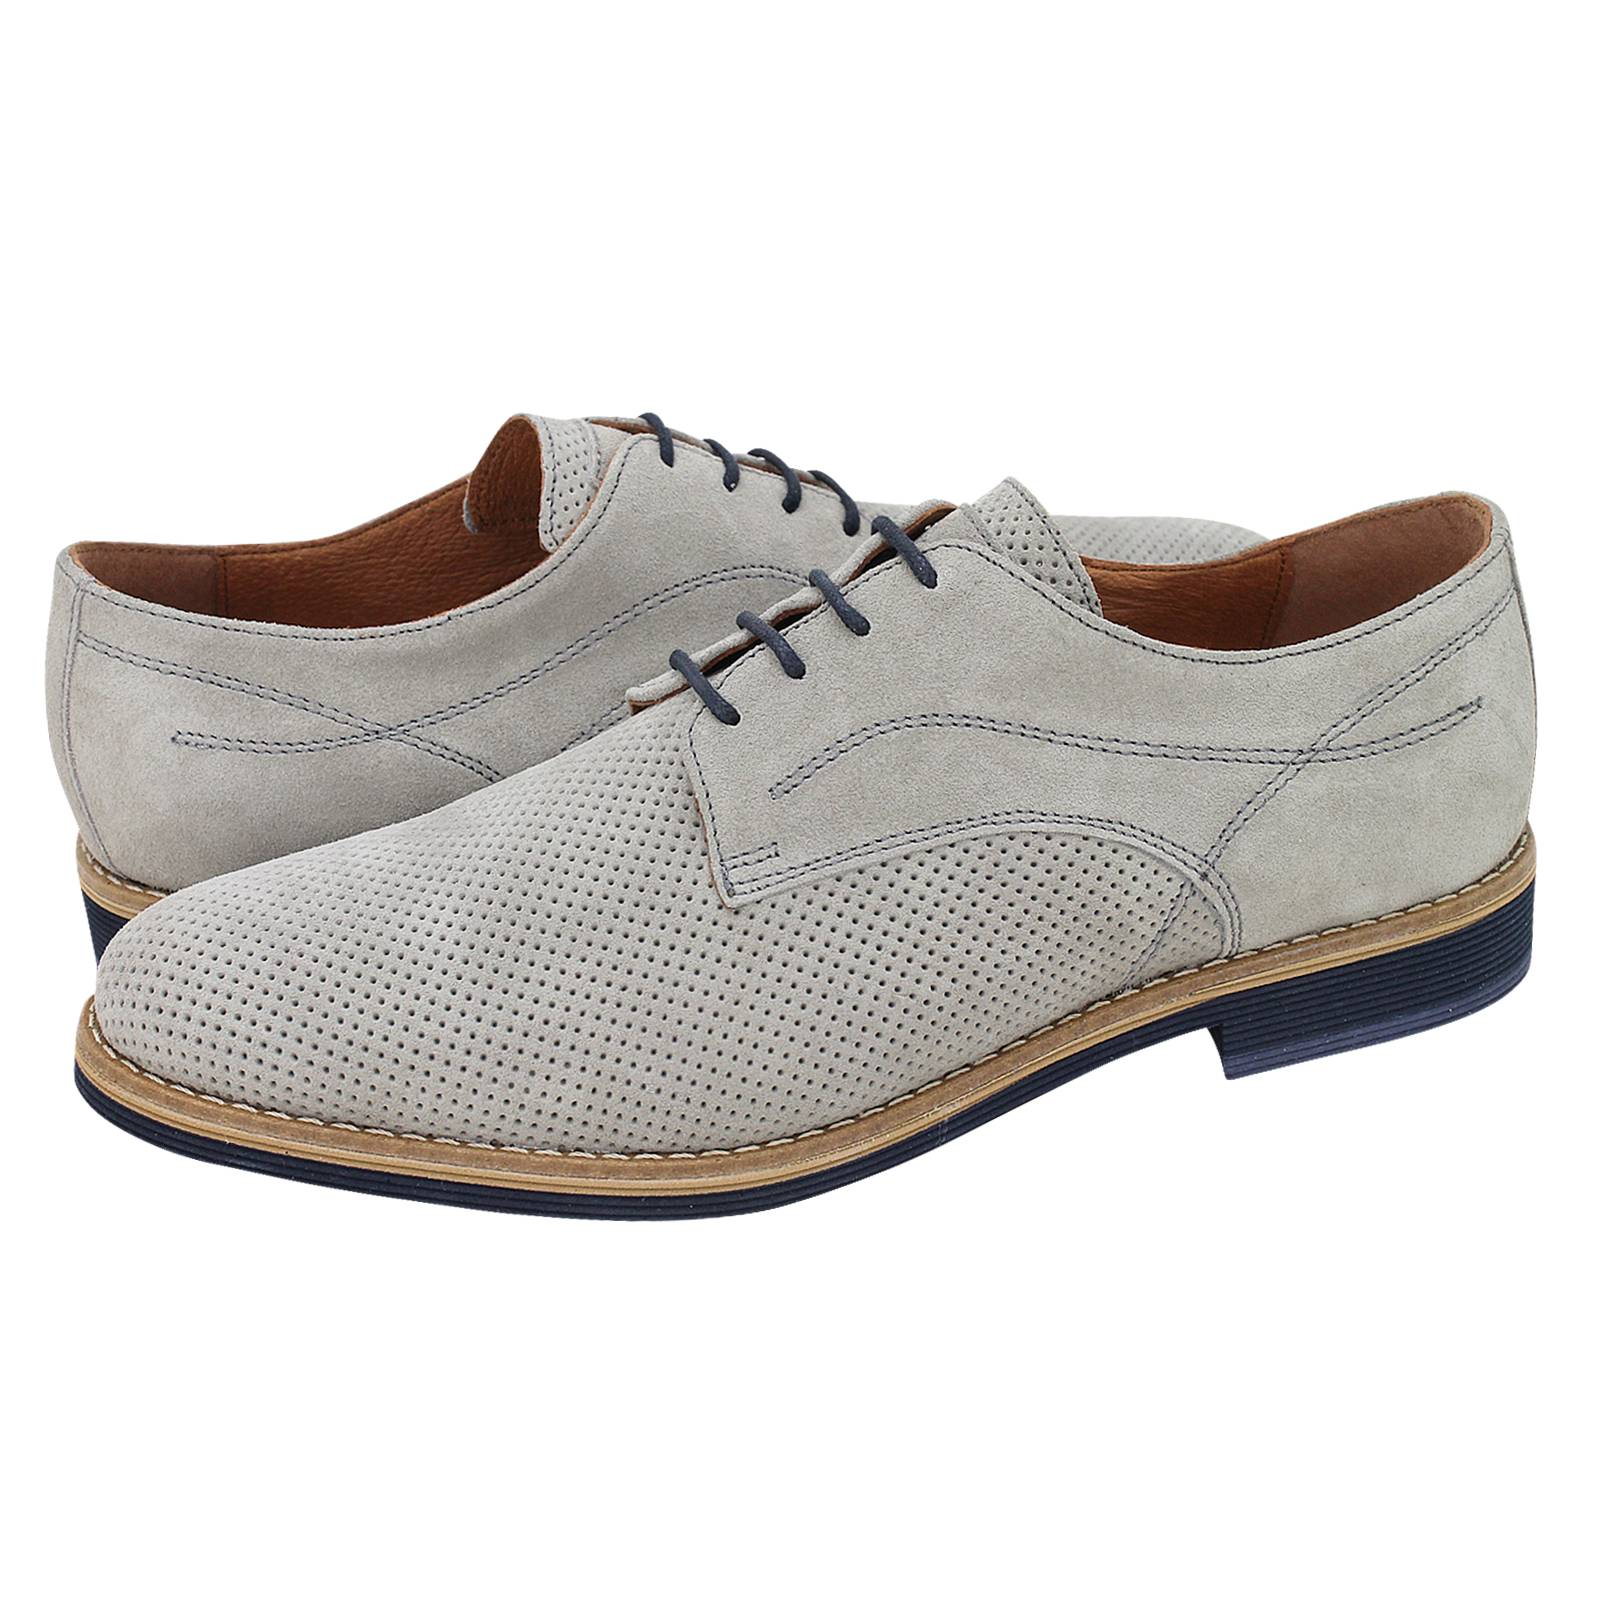 Sucha - Ανδρικά δετά παπούτσια Kricket από καστορι - Gianna Kazakou ... b91bb1b8a42